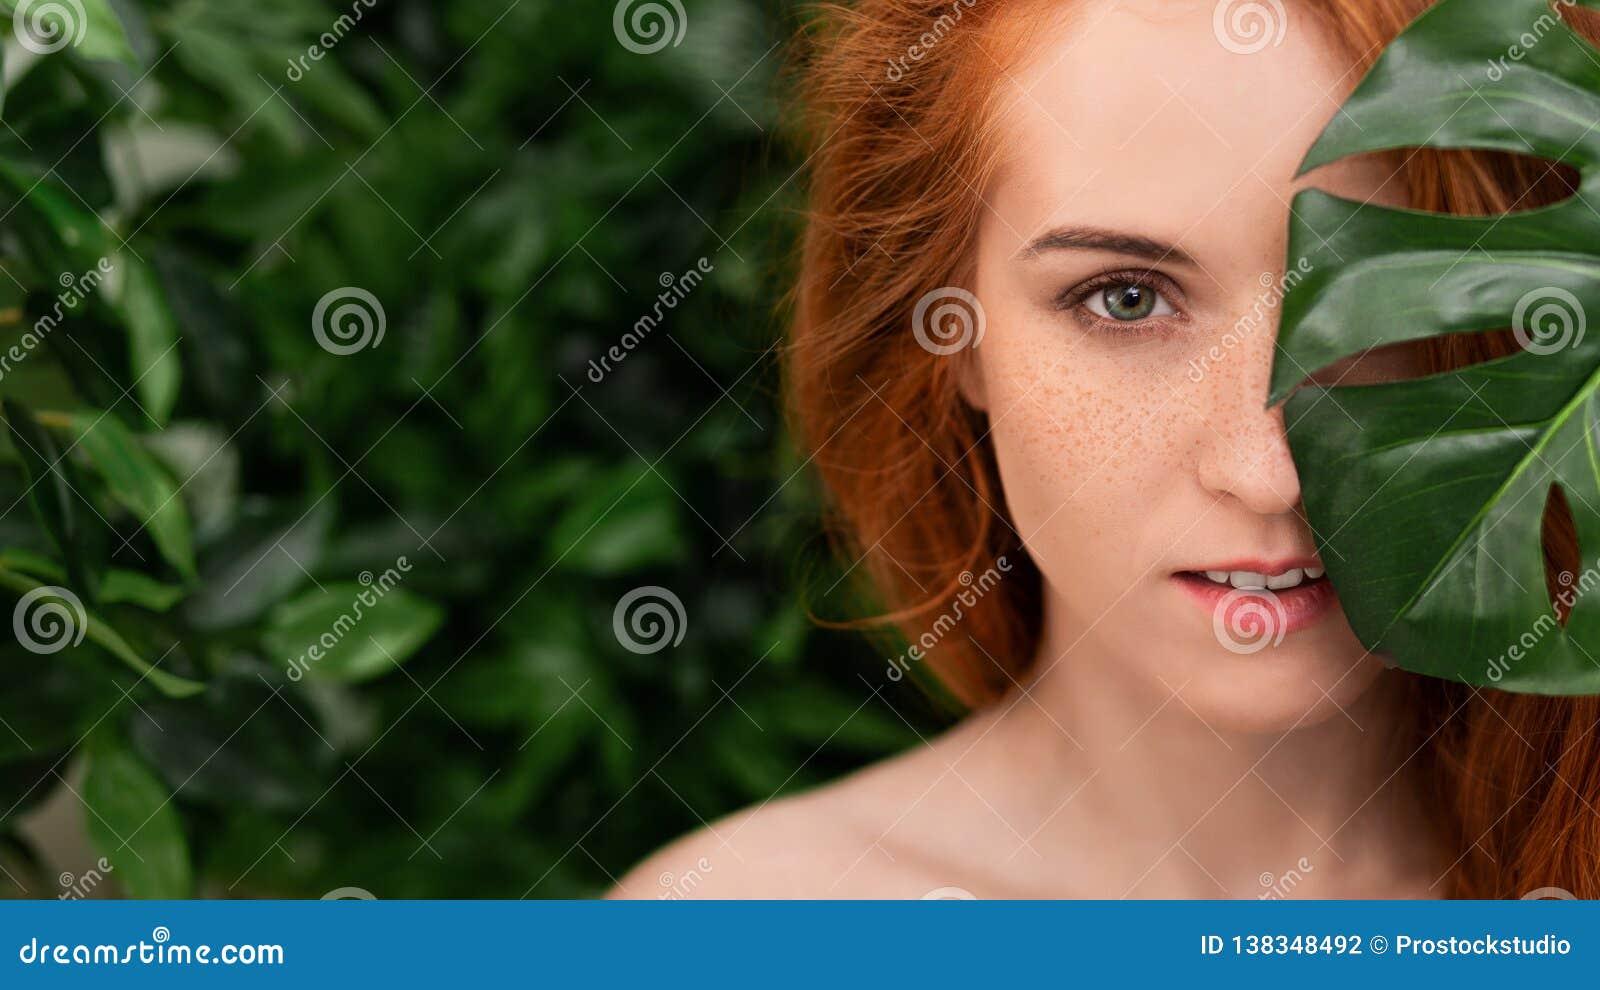 Πορτρέτο της νέας και όμορφης γυναίκας στα τροπικά φύλλα